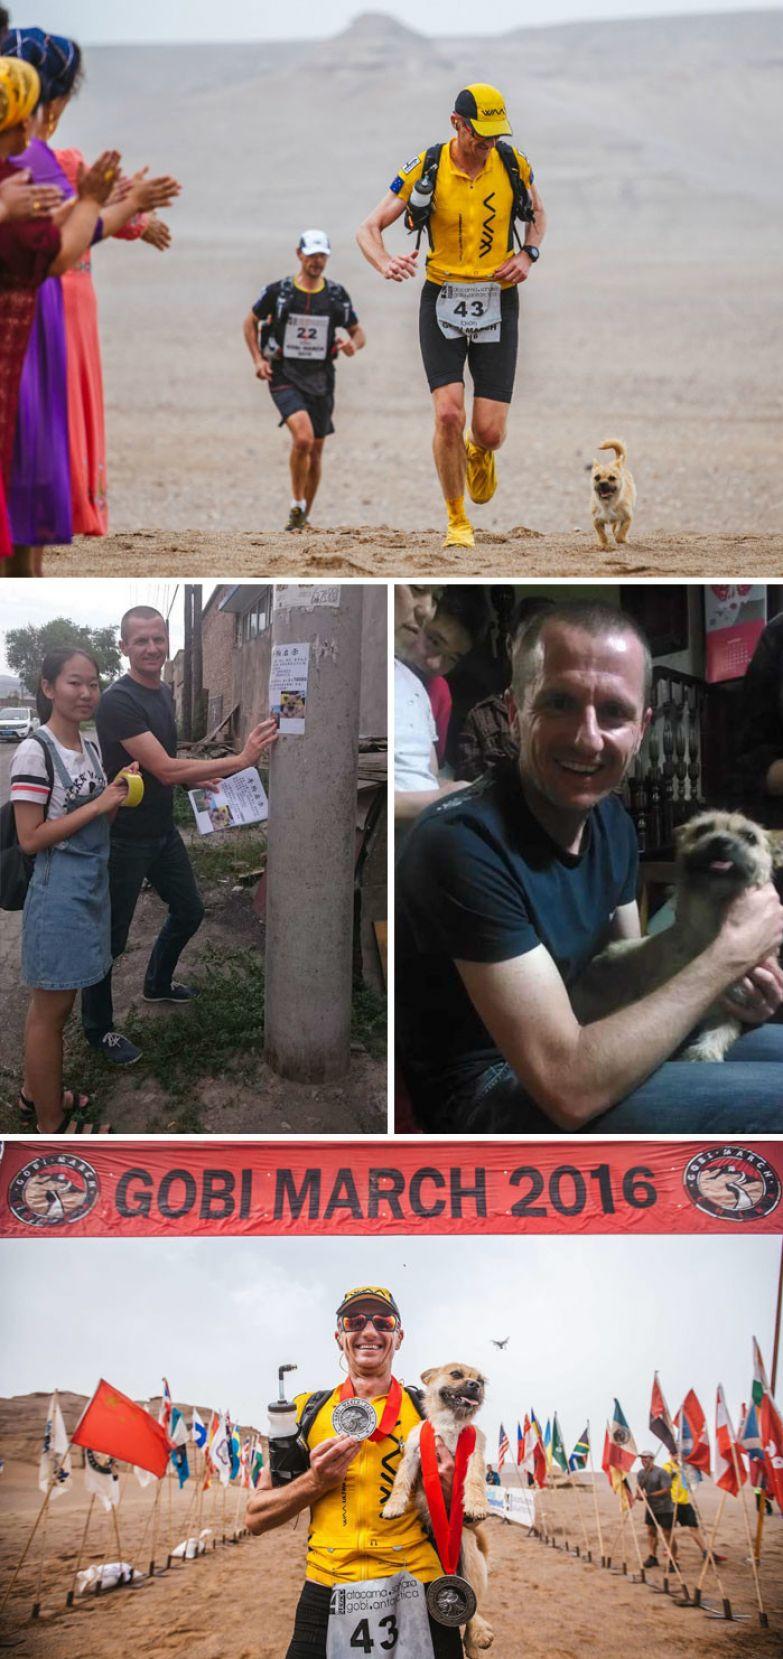 17. Бездомный пес, присоединившийся к спортсмену во время забега, потерялся после соревнования, но марафонец вернулся в Китай, чтобы найти его доброта, мир, поступок